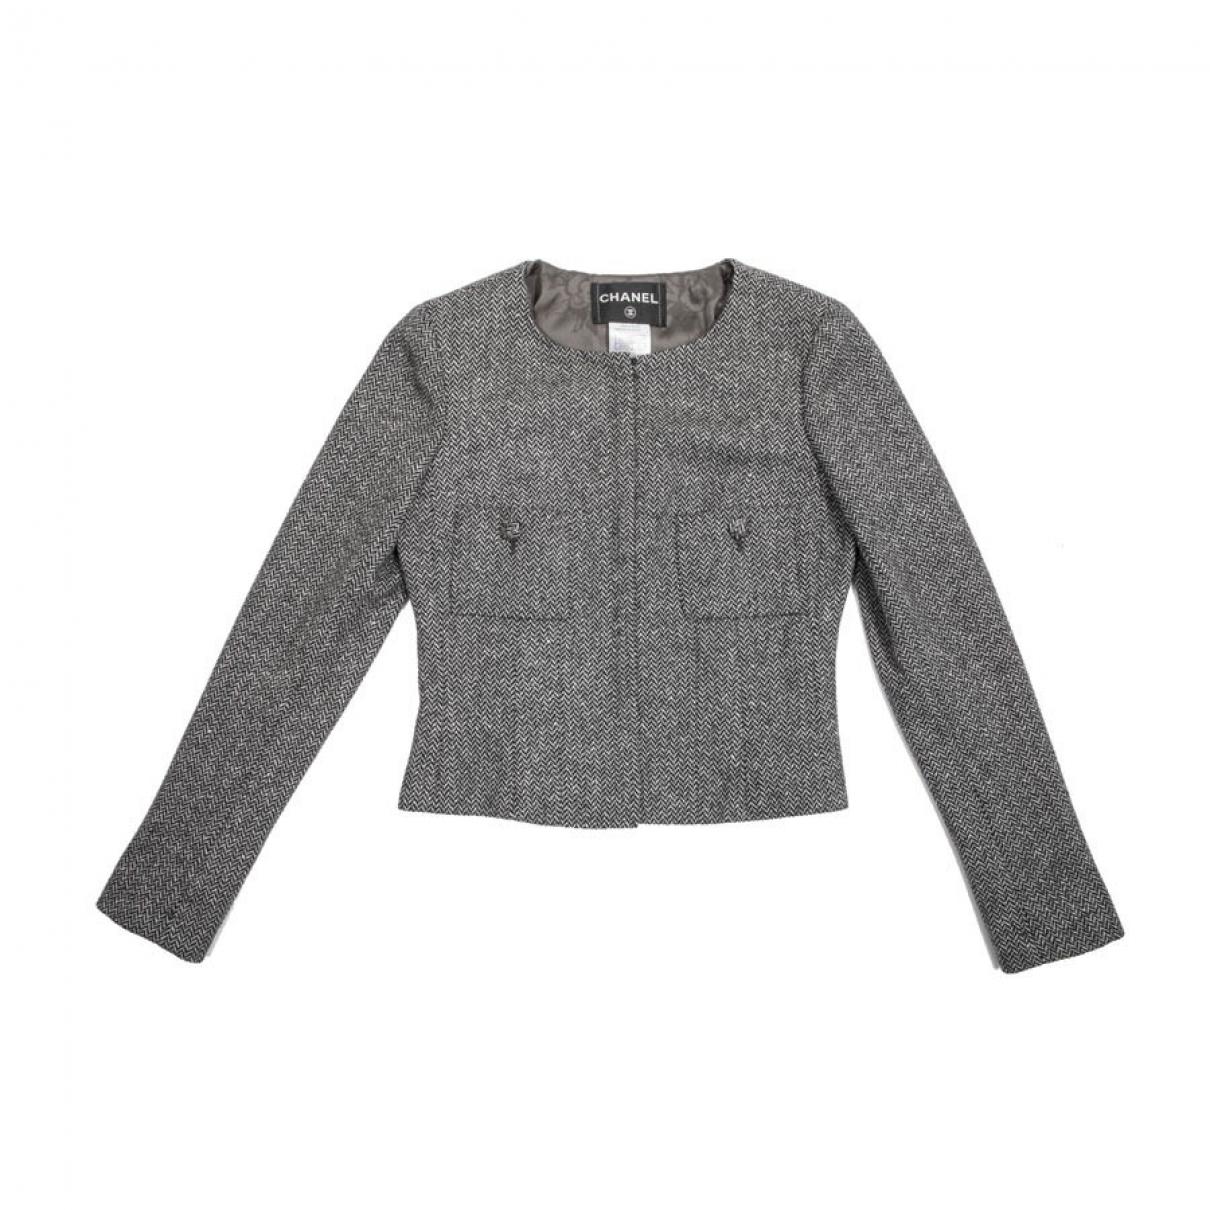 Chanel \N Grey Wool jacket for Women 38 FR